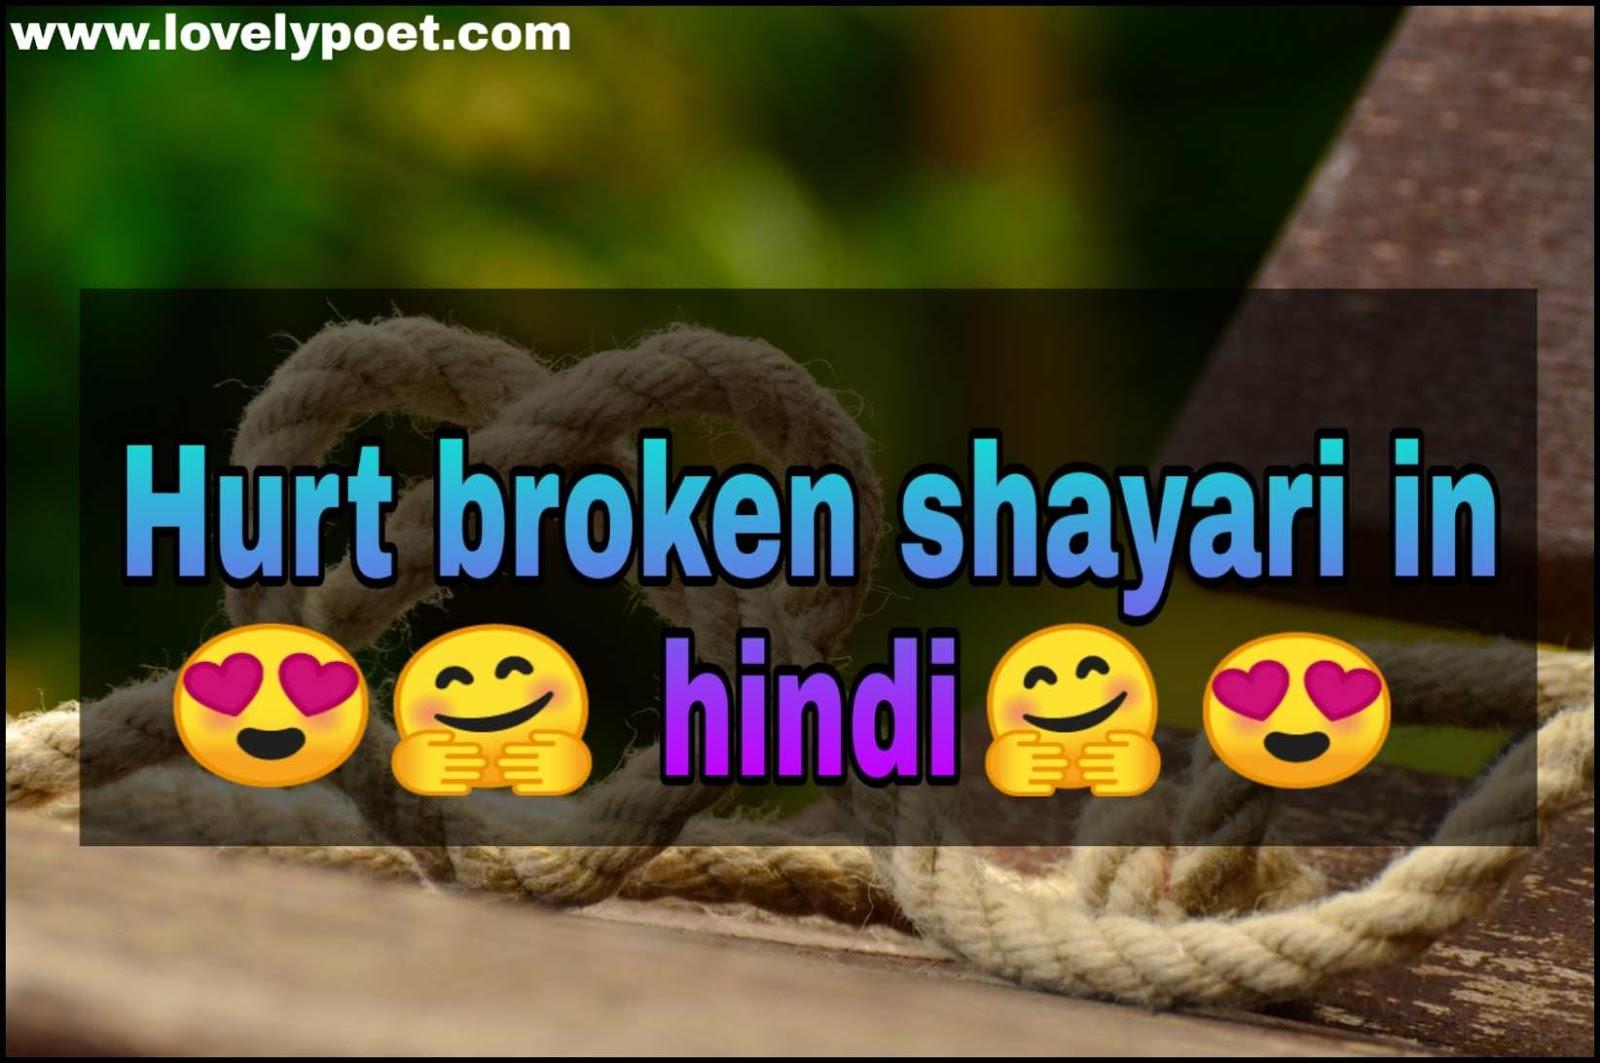 hurt-broken-shayari-in-hindi